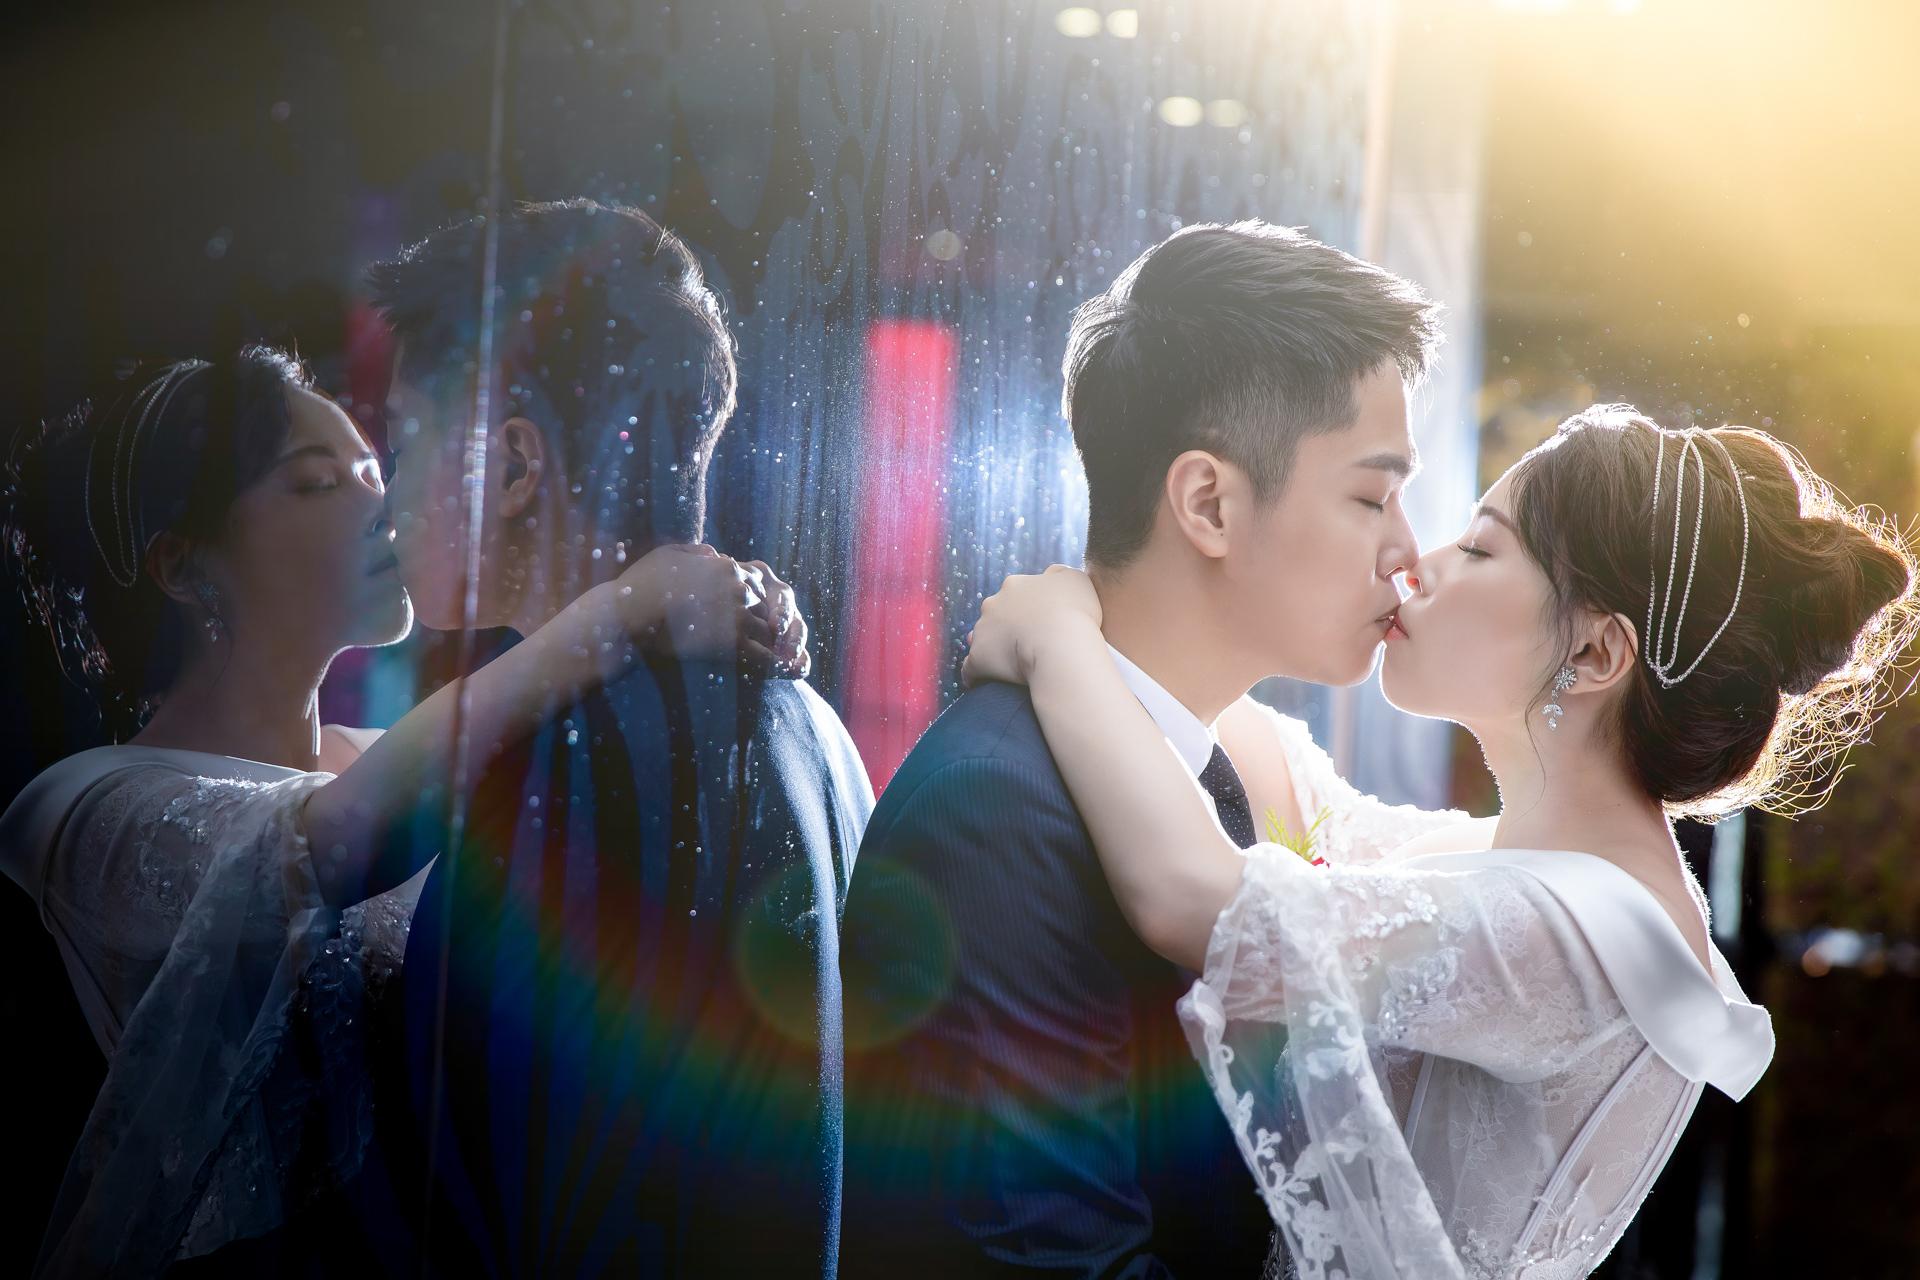 [廷瑜❤翊寧] 結婚之囍@台北水源會館公館店-百合廳